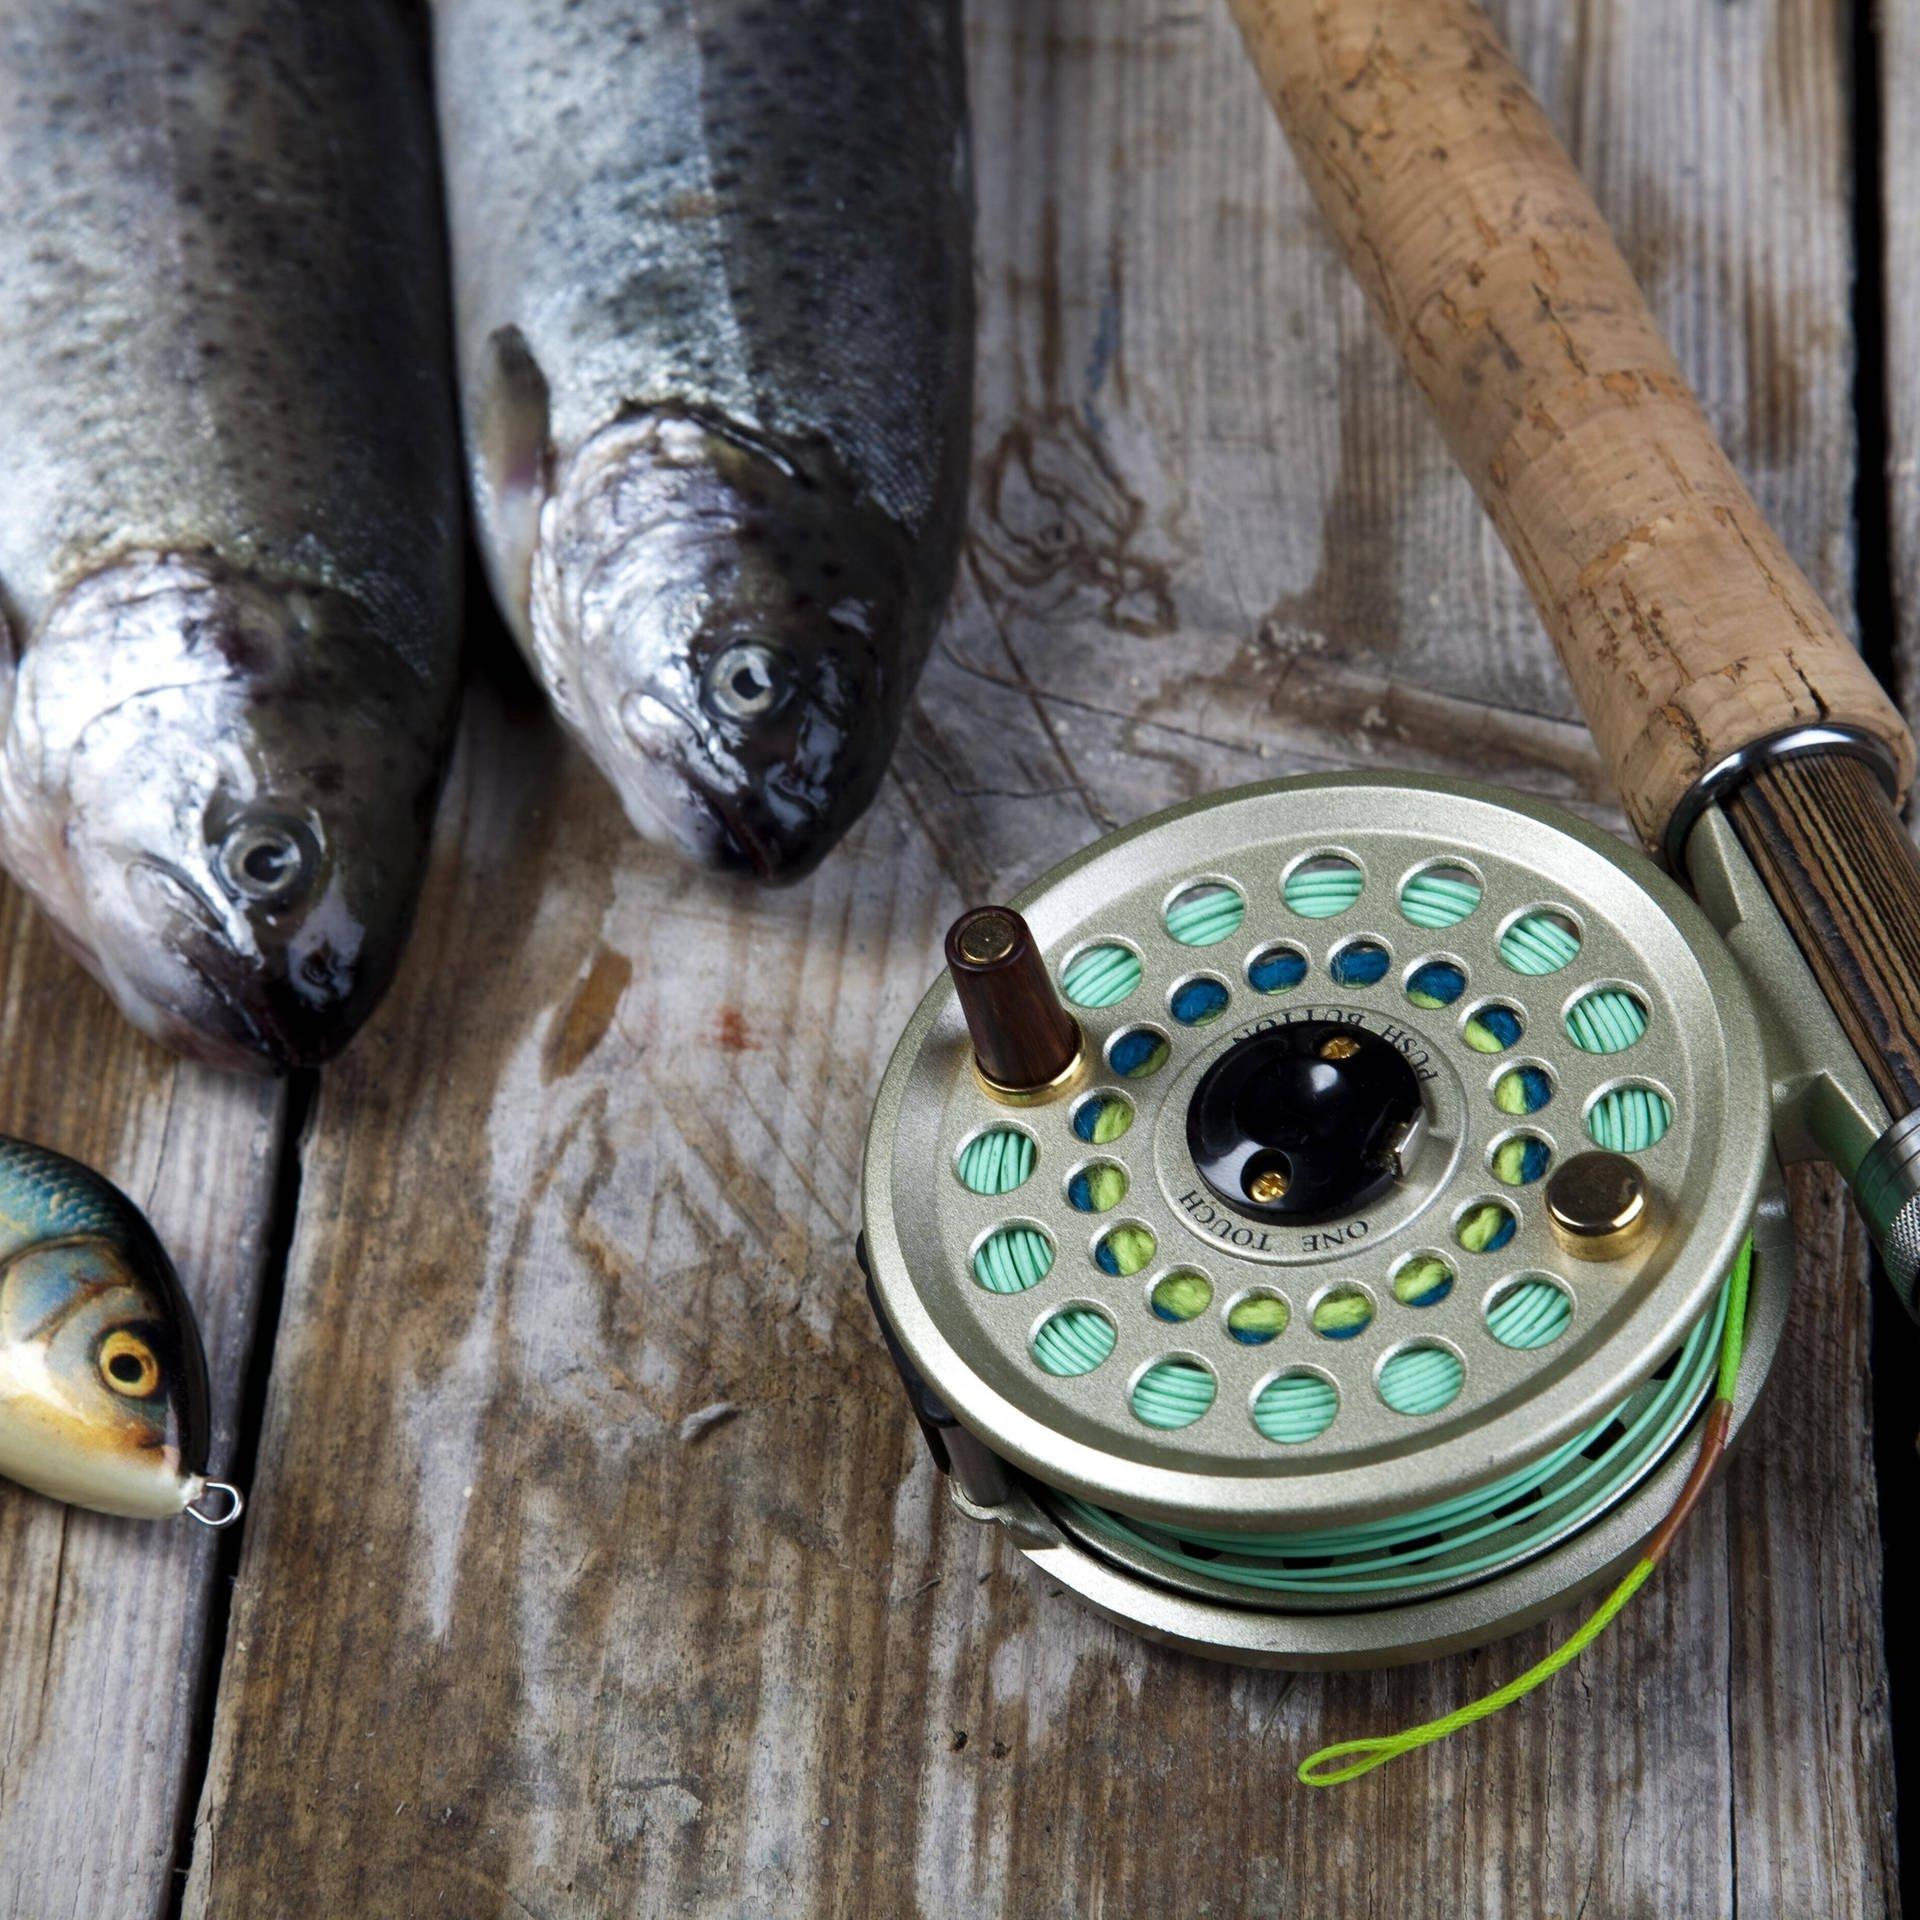 Überfischung durch Freizeitangler - Schutz für Hecht, Dorsch und Aal